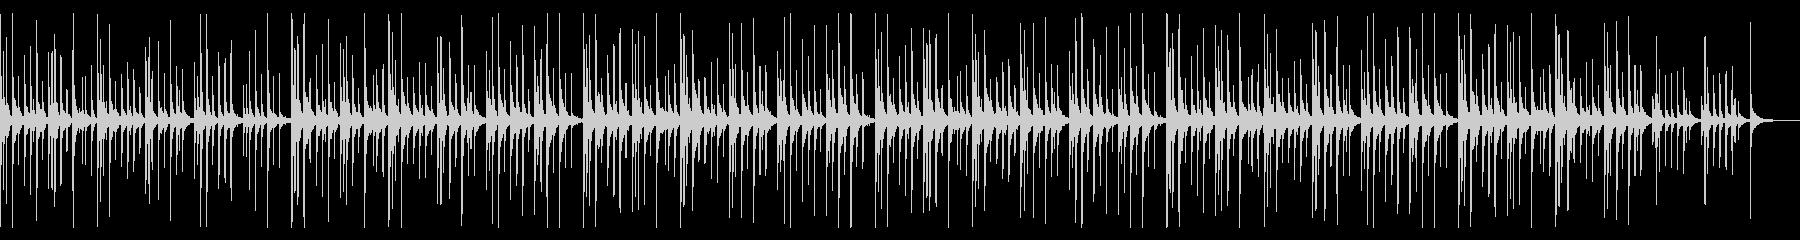 ハーモニカ抜きの未再生の波形